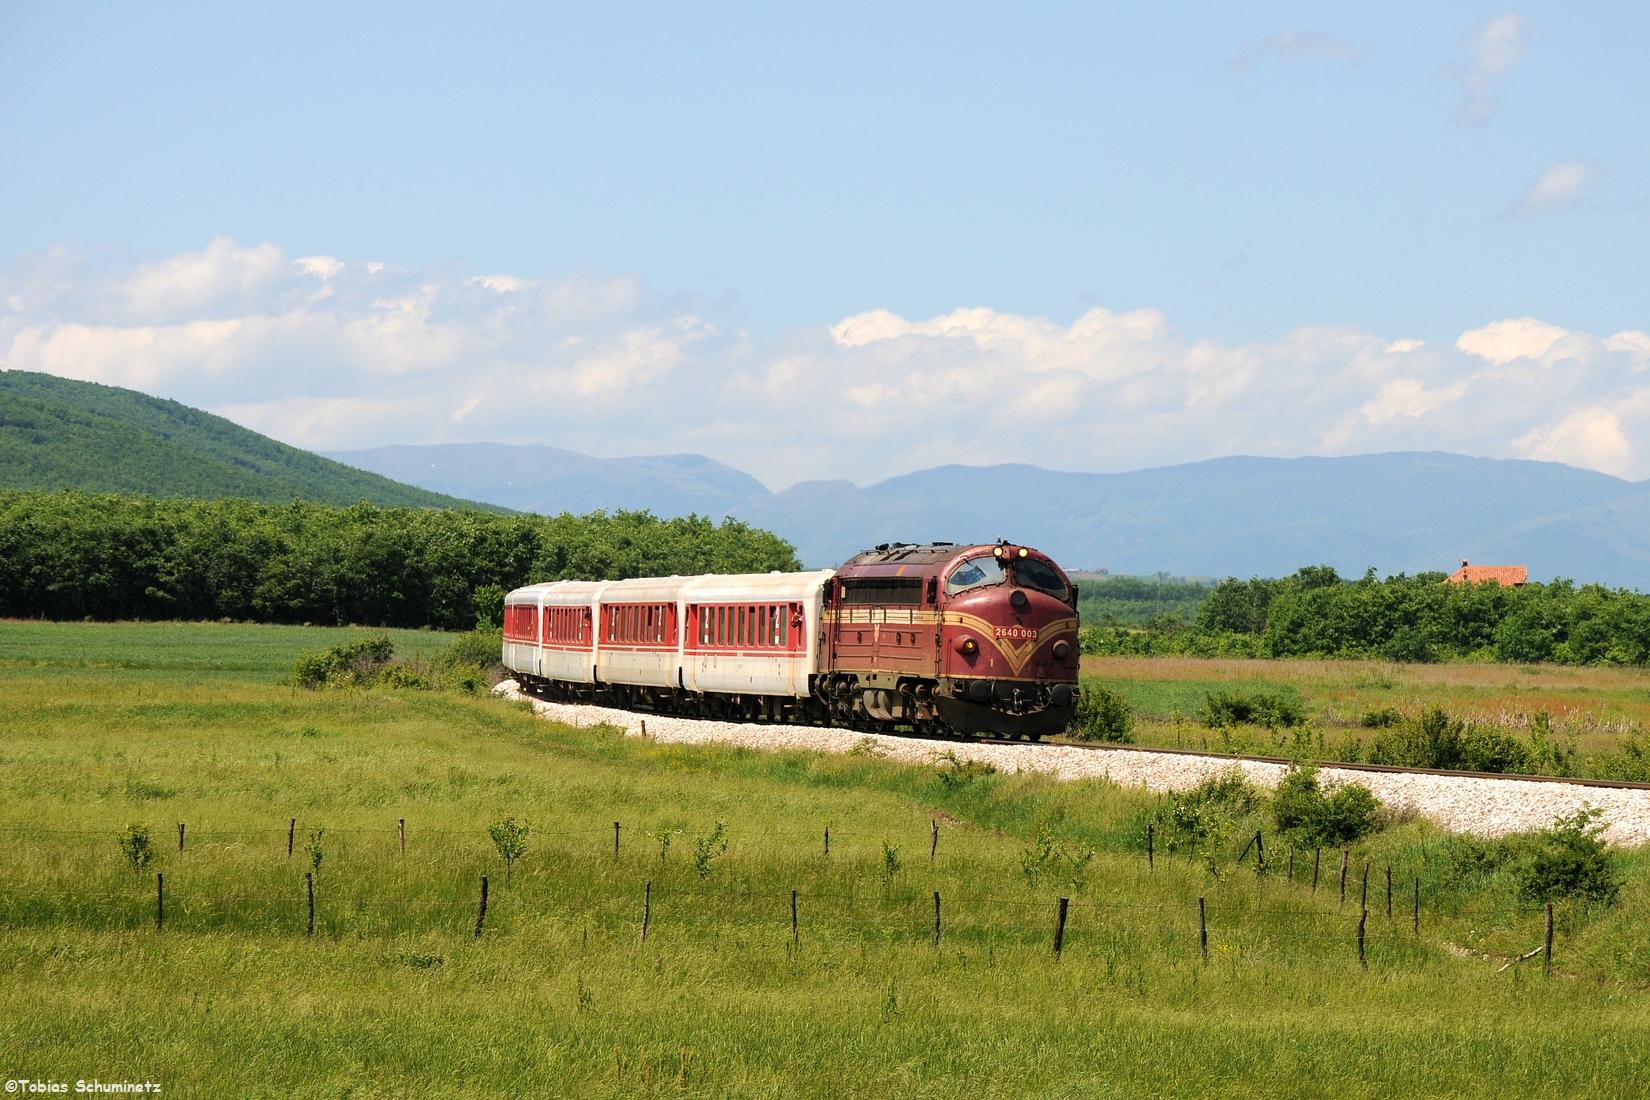 Danach war es Zeit für den Personenzug aus Peja. Bei Damanek konnten wir Lok 007 mit dem TL4200 aufnehmen. Diesmal waren 5 Schlierenwagen am Zug, welche hinter der Di3 schon sehr schnittig aussehen.